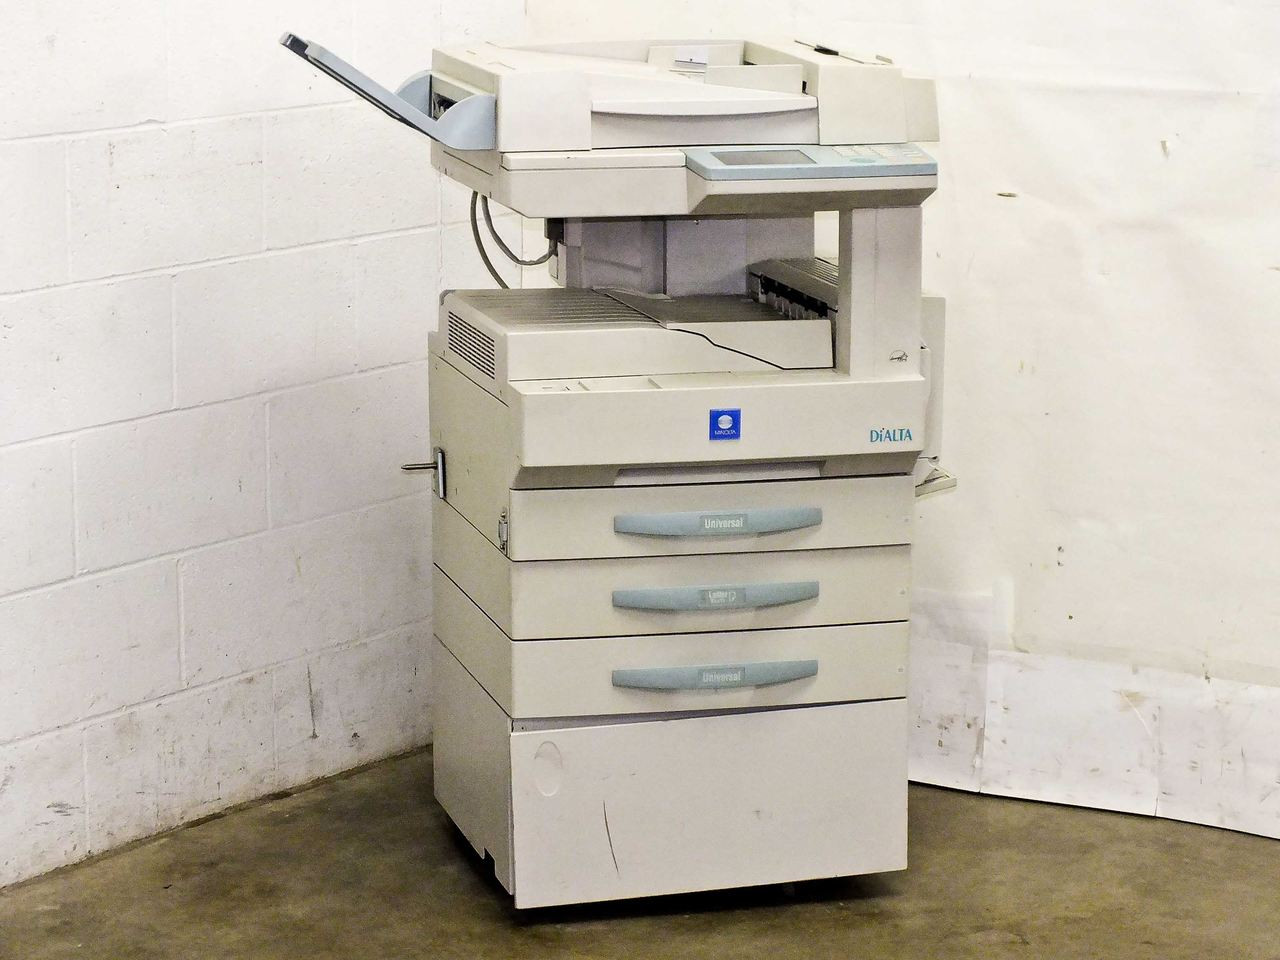 minolta di351 dialta digital copier for parts recycledgoods com rh recycledgoods com